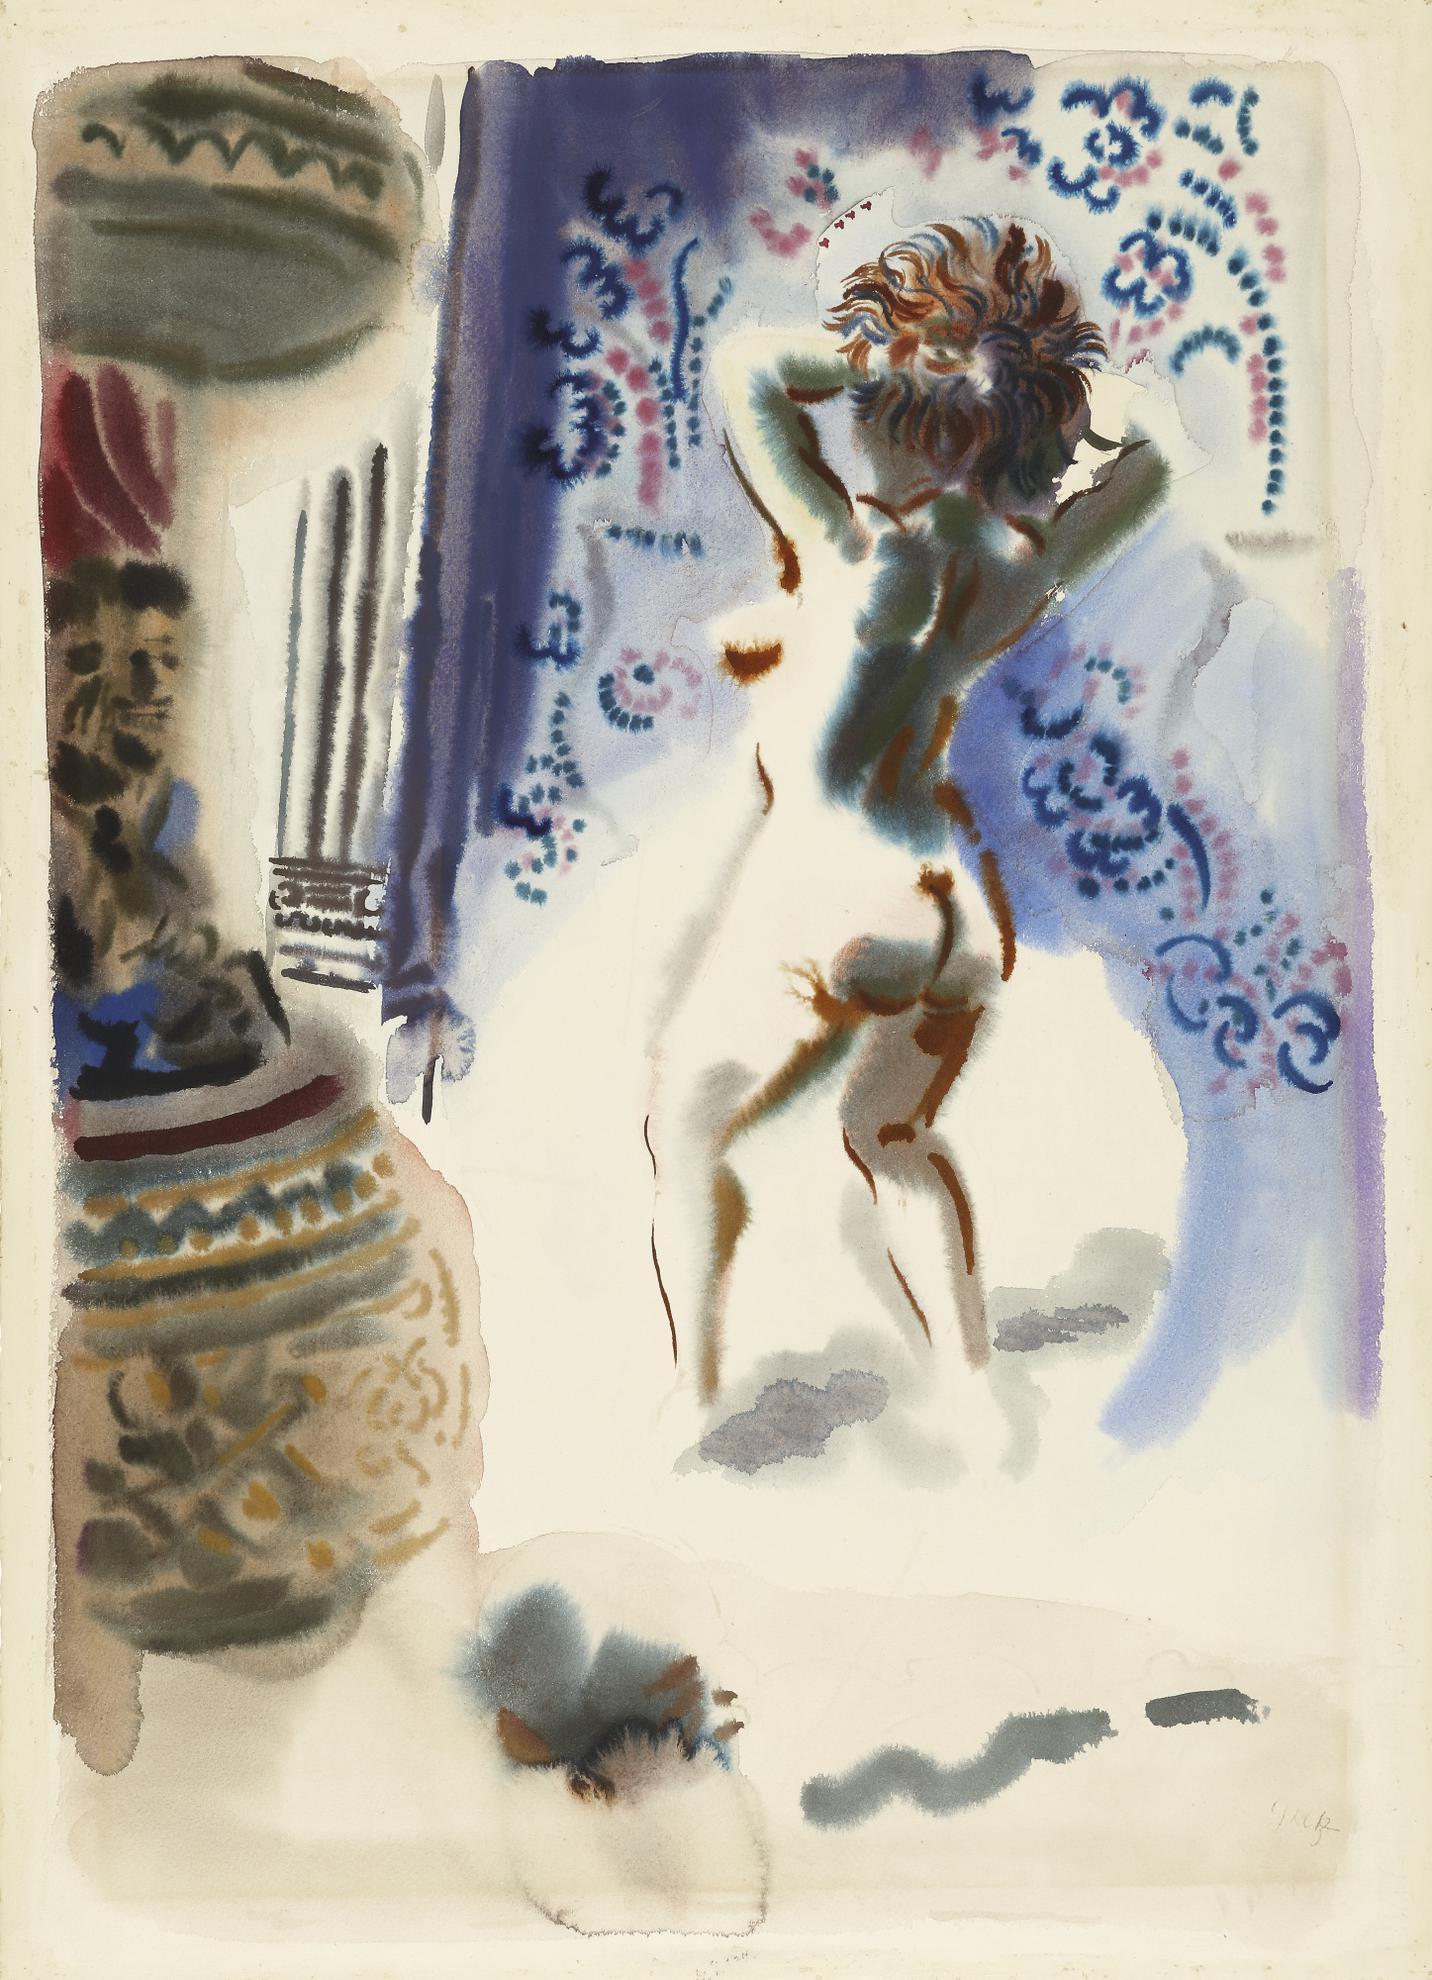 George Grosz-Burleske Tanzerin (Burlesque Dancer)-